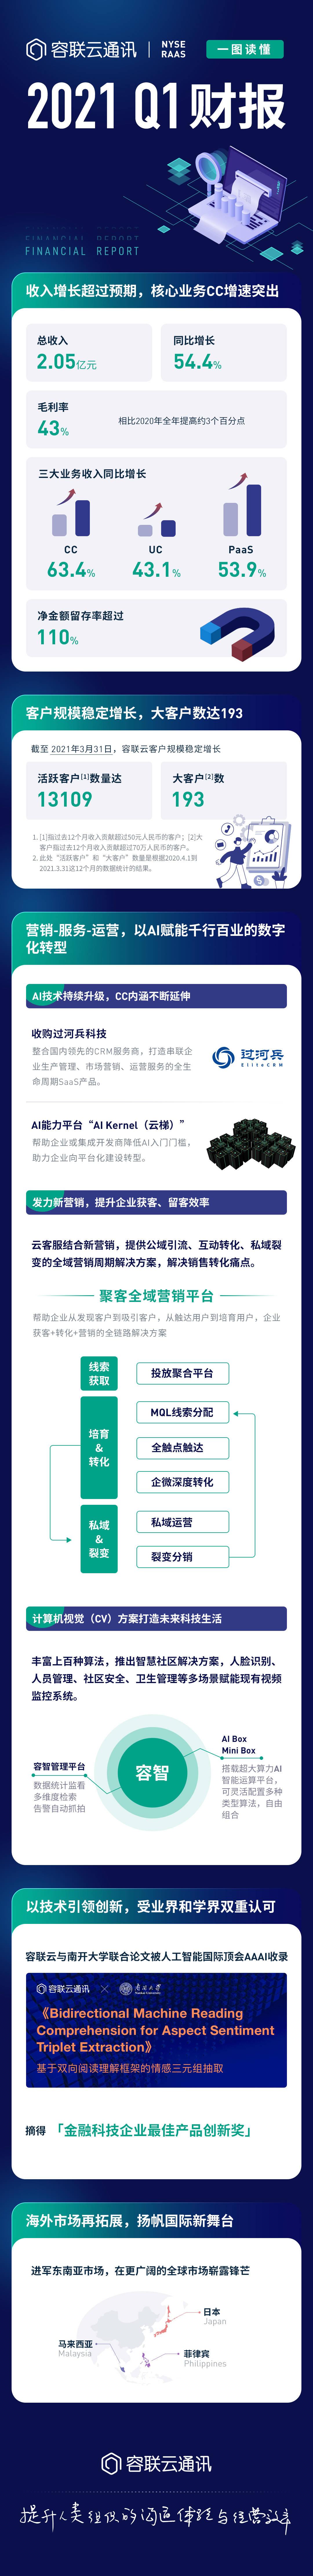 容联云发布2021年Q1财报,业绩超预期